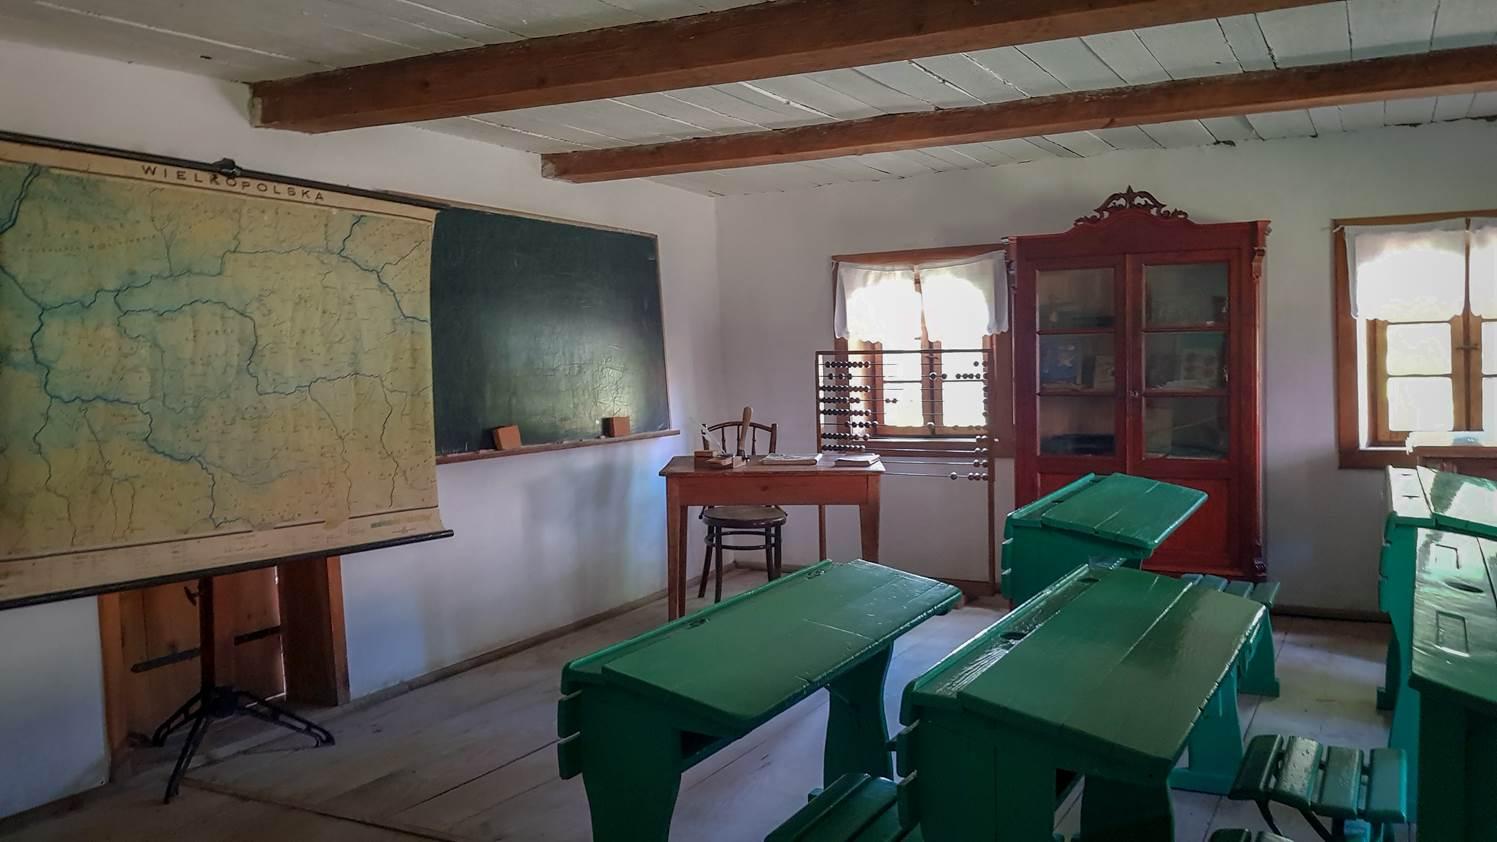 Muzeum Etnograficzne w Zielonej Gorze Ochli